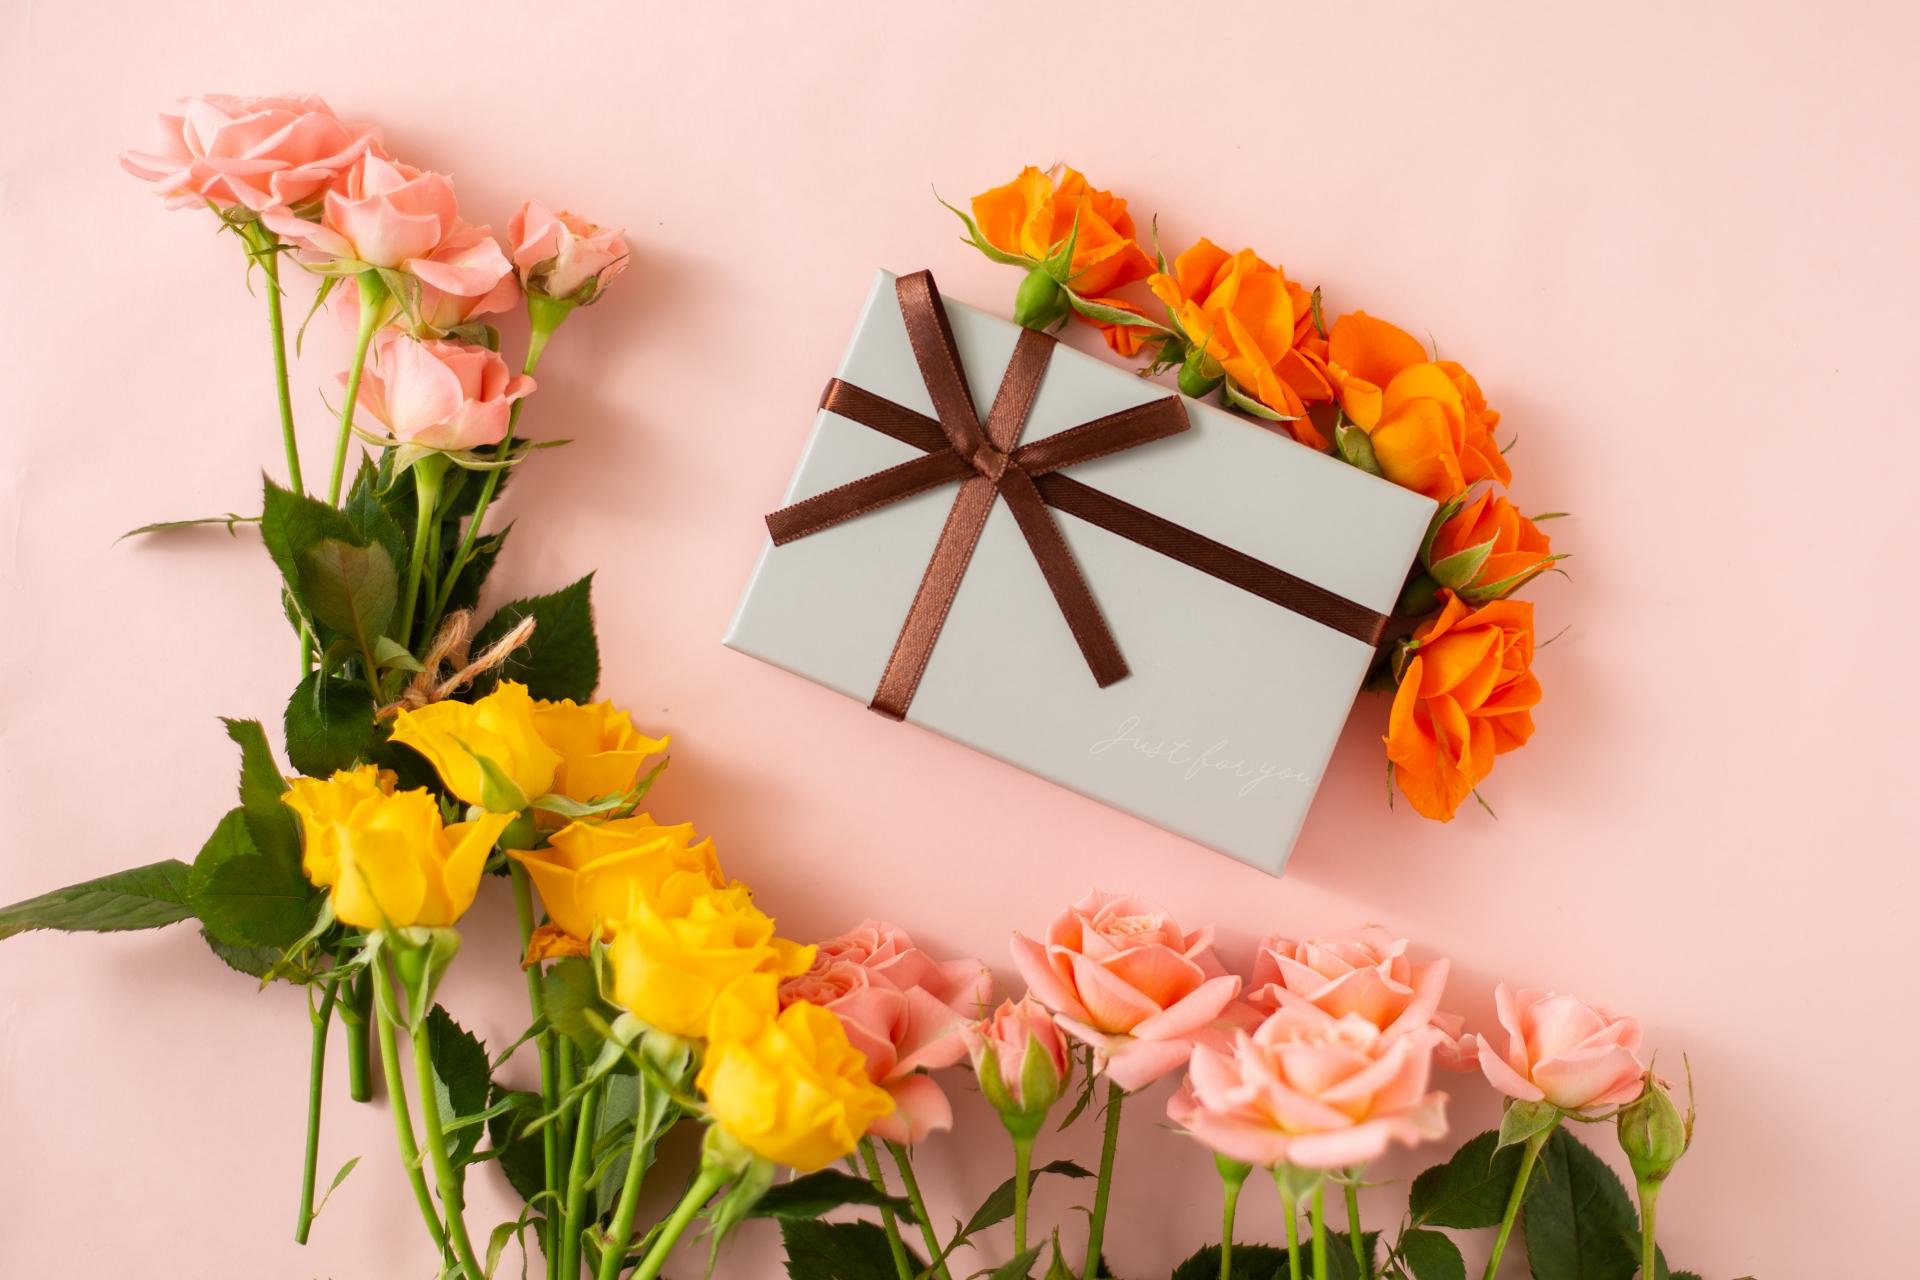 【男性も女性も!】今年のホワイトデーはお花をプレゼントしよう